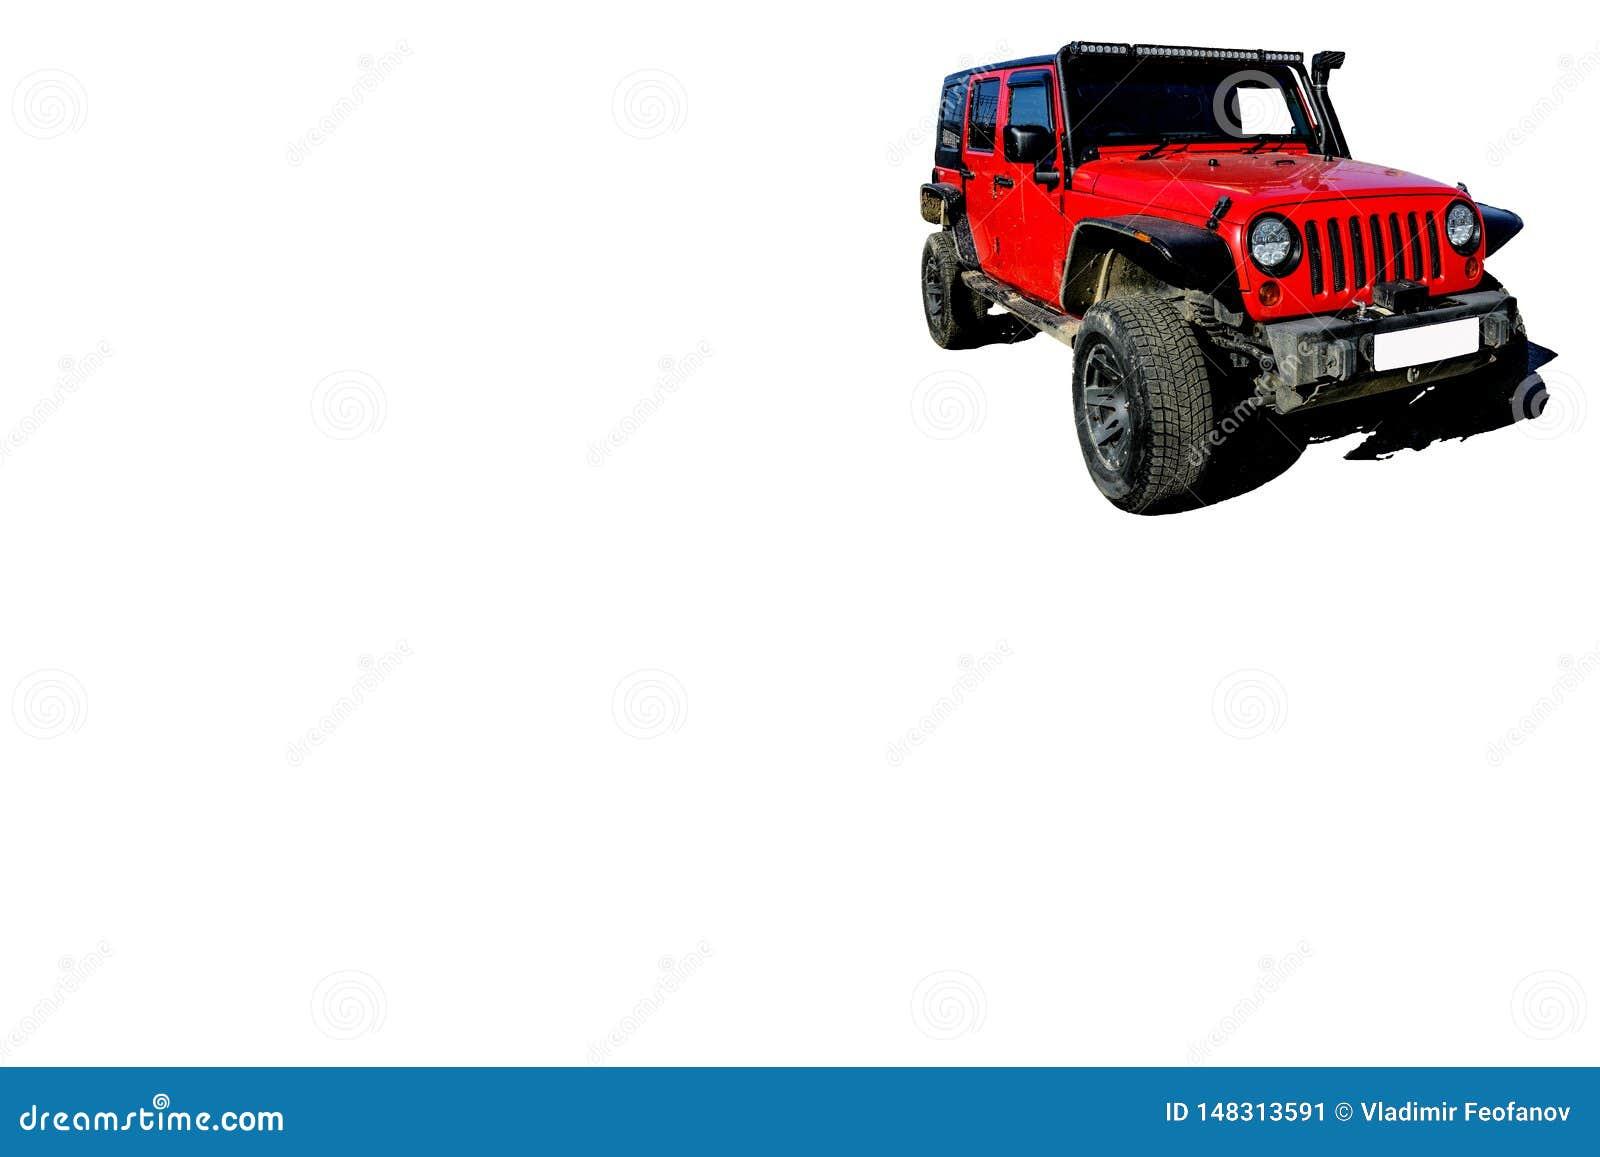 Rode auto voor reis en toerisme in isolate met elektrisch hijstoestel, kant van het blad voor reclame